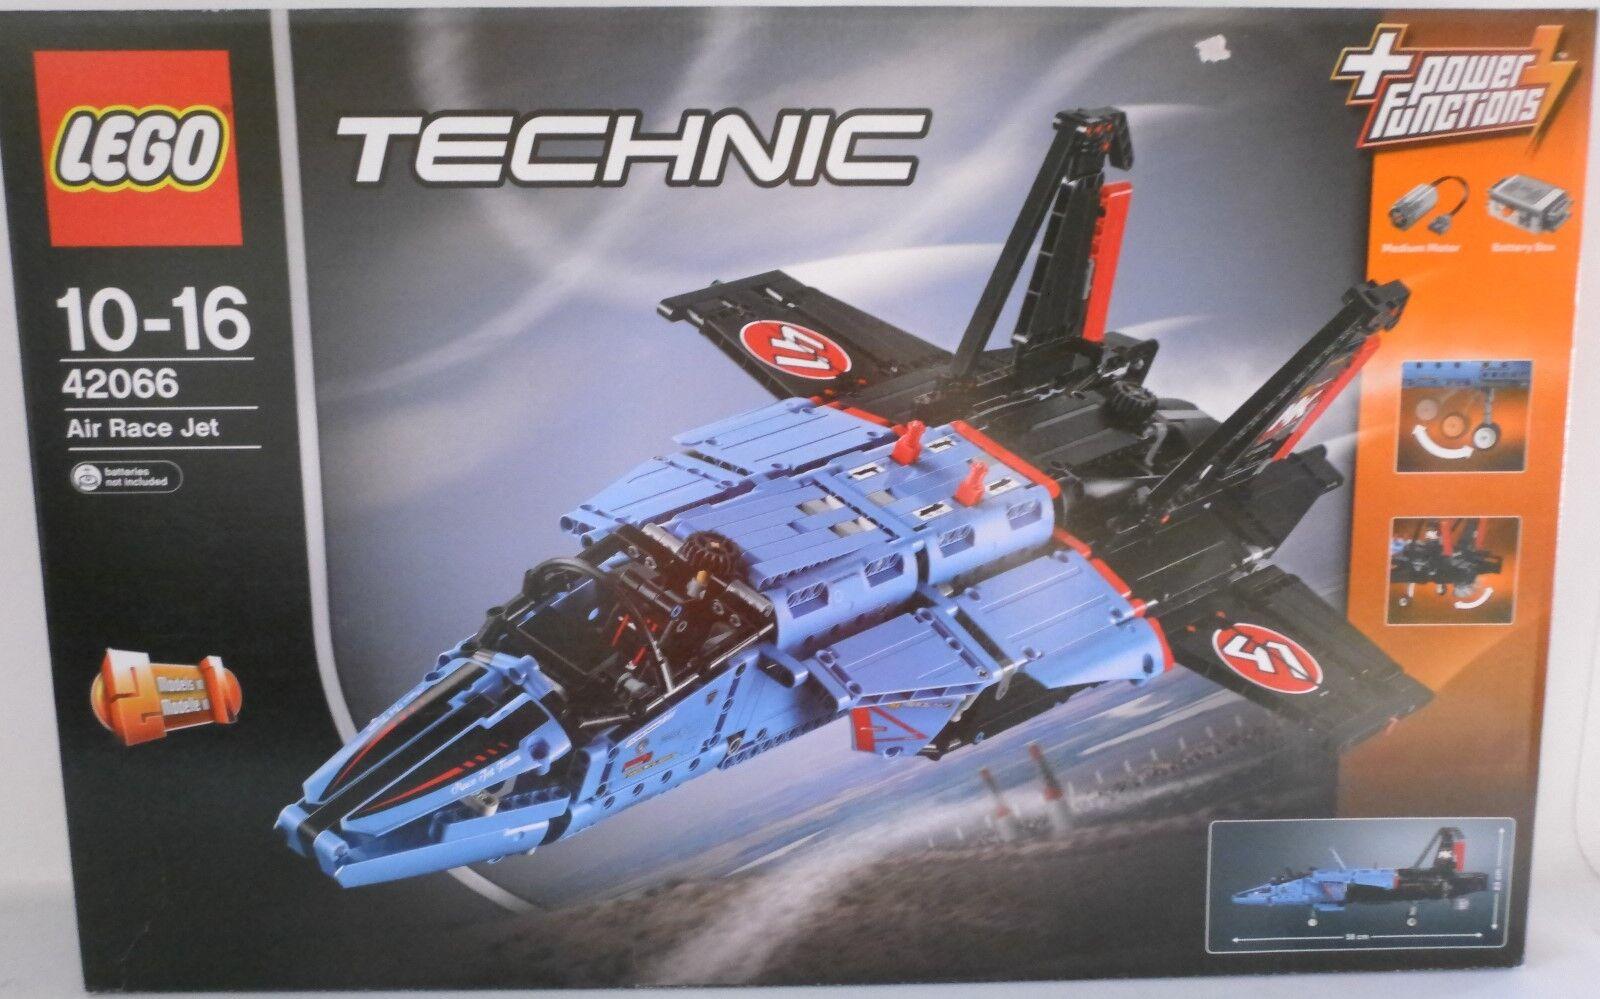 NEU LEGO® Technic 42066 Air Race Jet Jet Jet Flugzeug OVP fc72a8